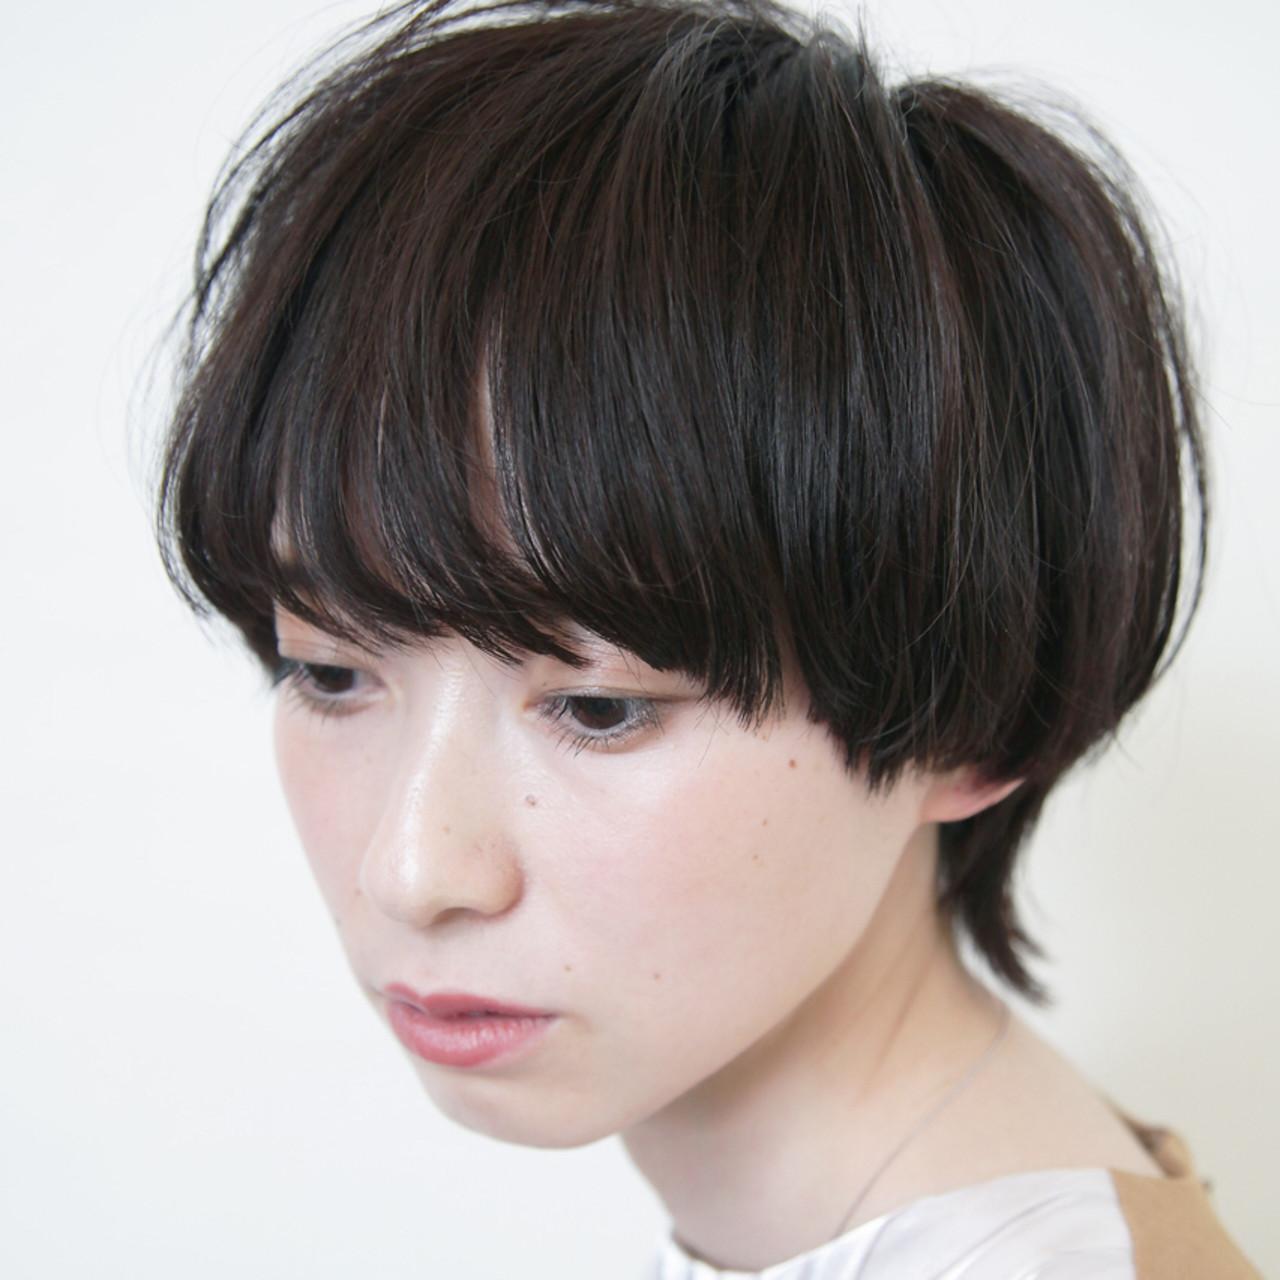 ウルフカット マッシュショート ナチュラル ショートヘアヘアスタイルや髪型の写真・画像